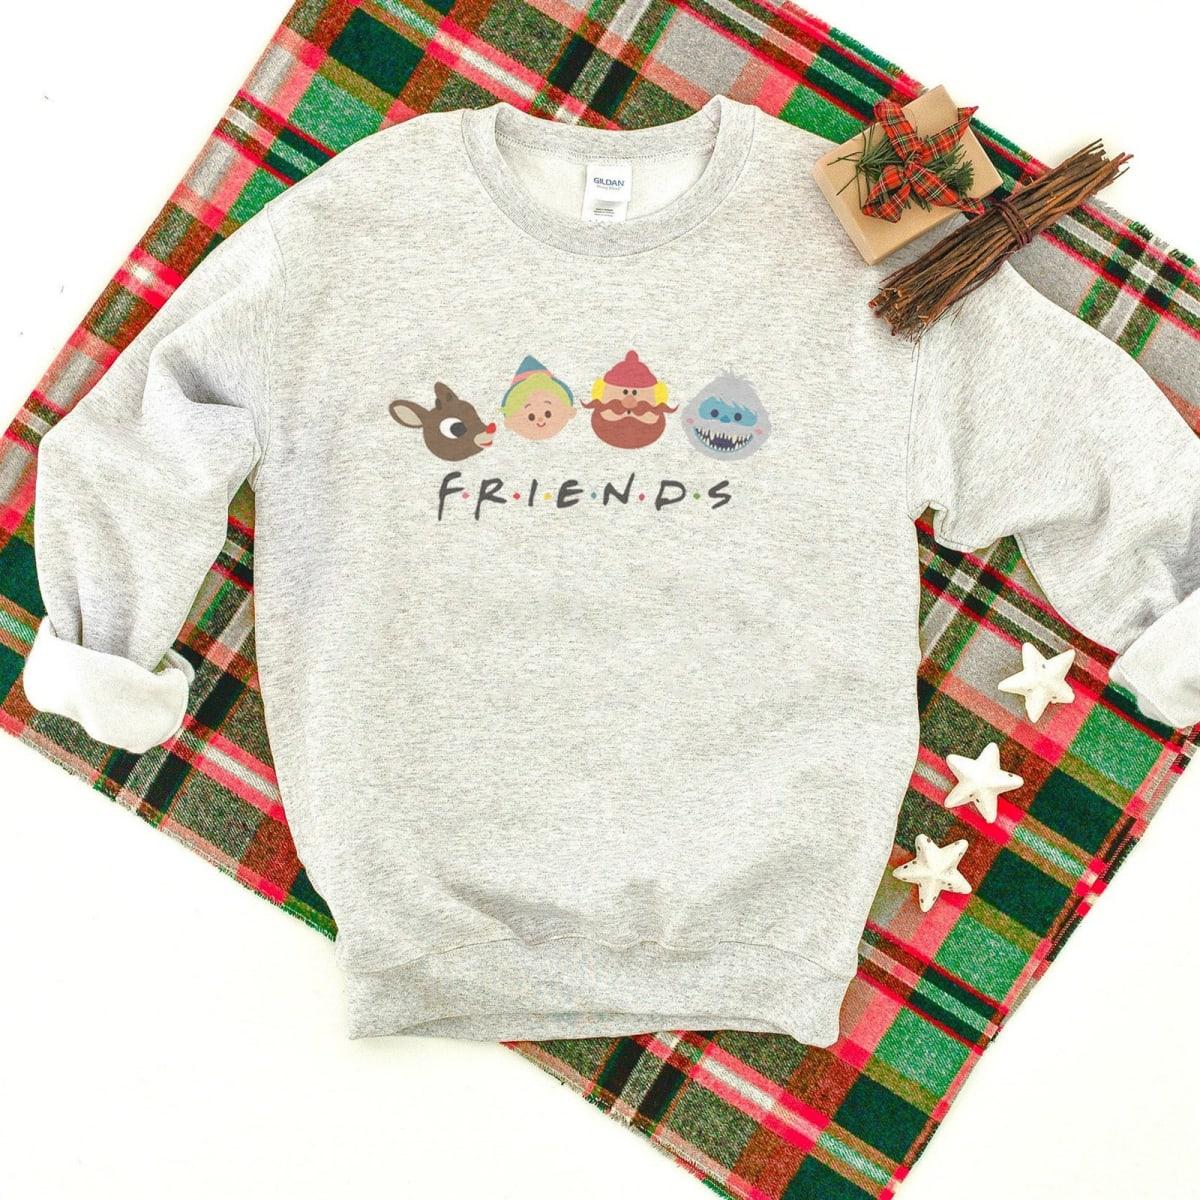 Vintage Christmas Character Sweatshirt